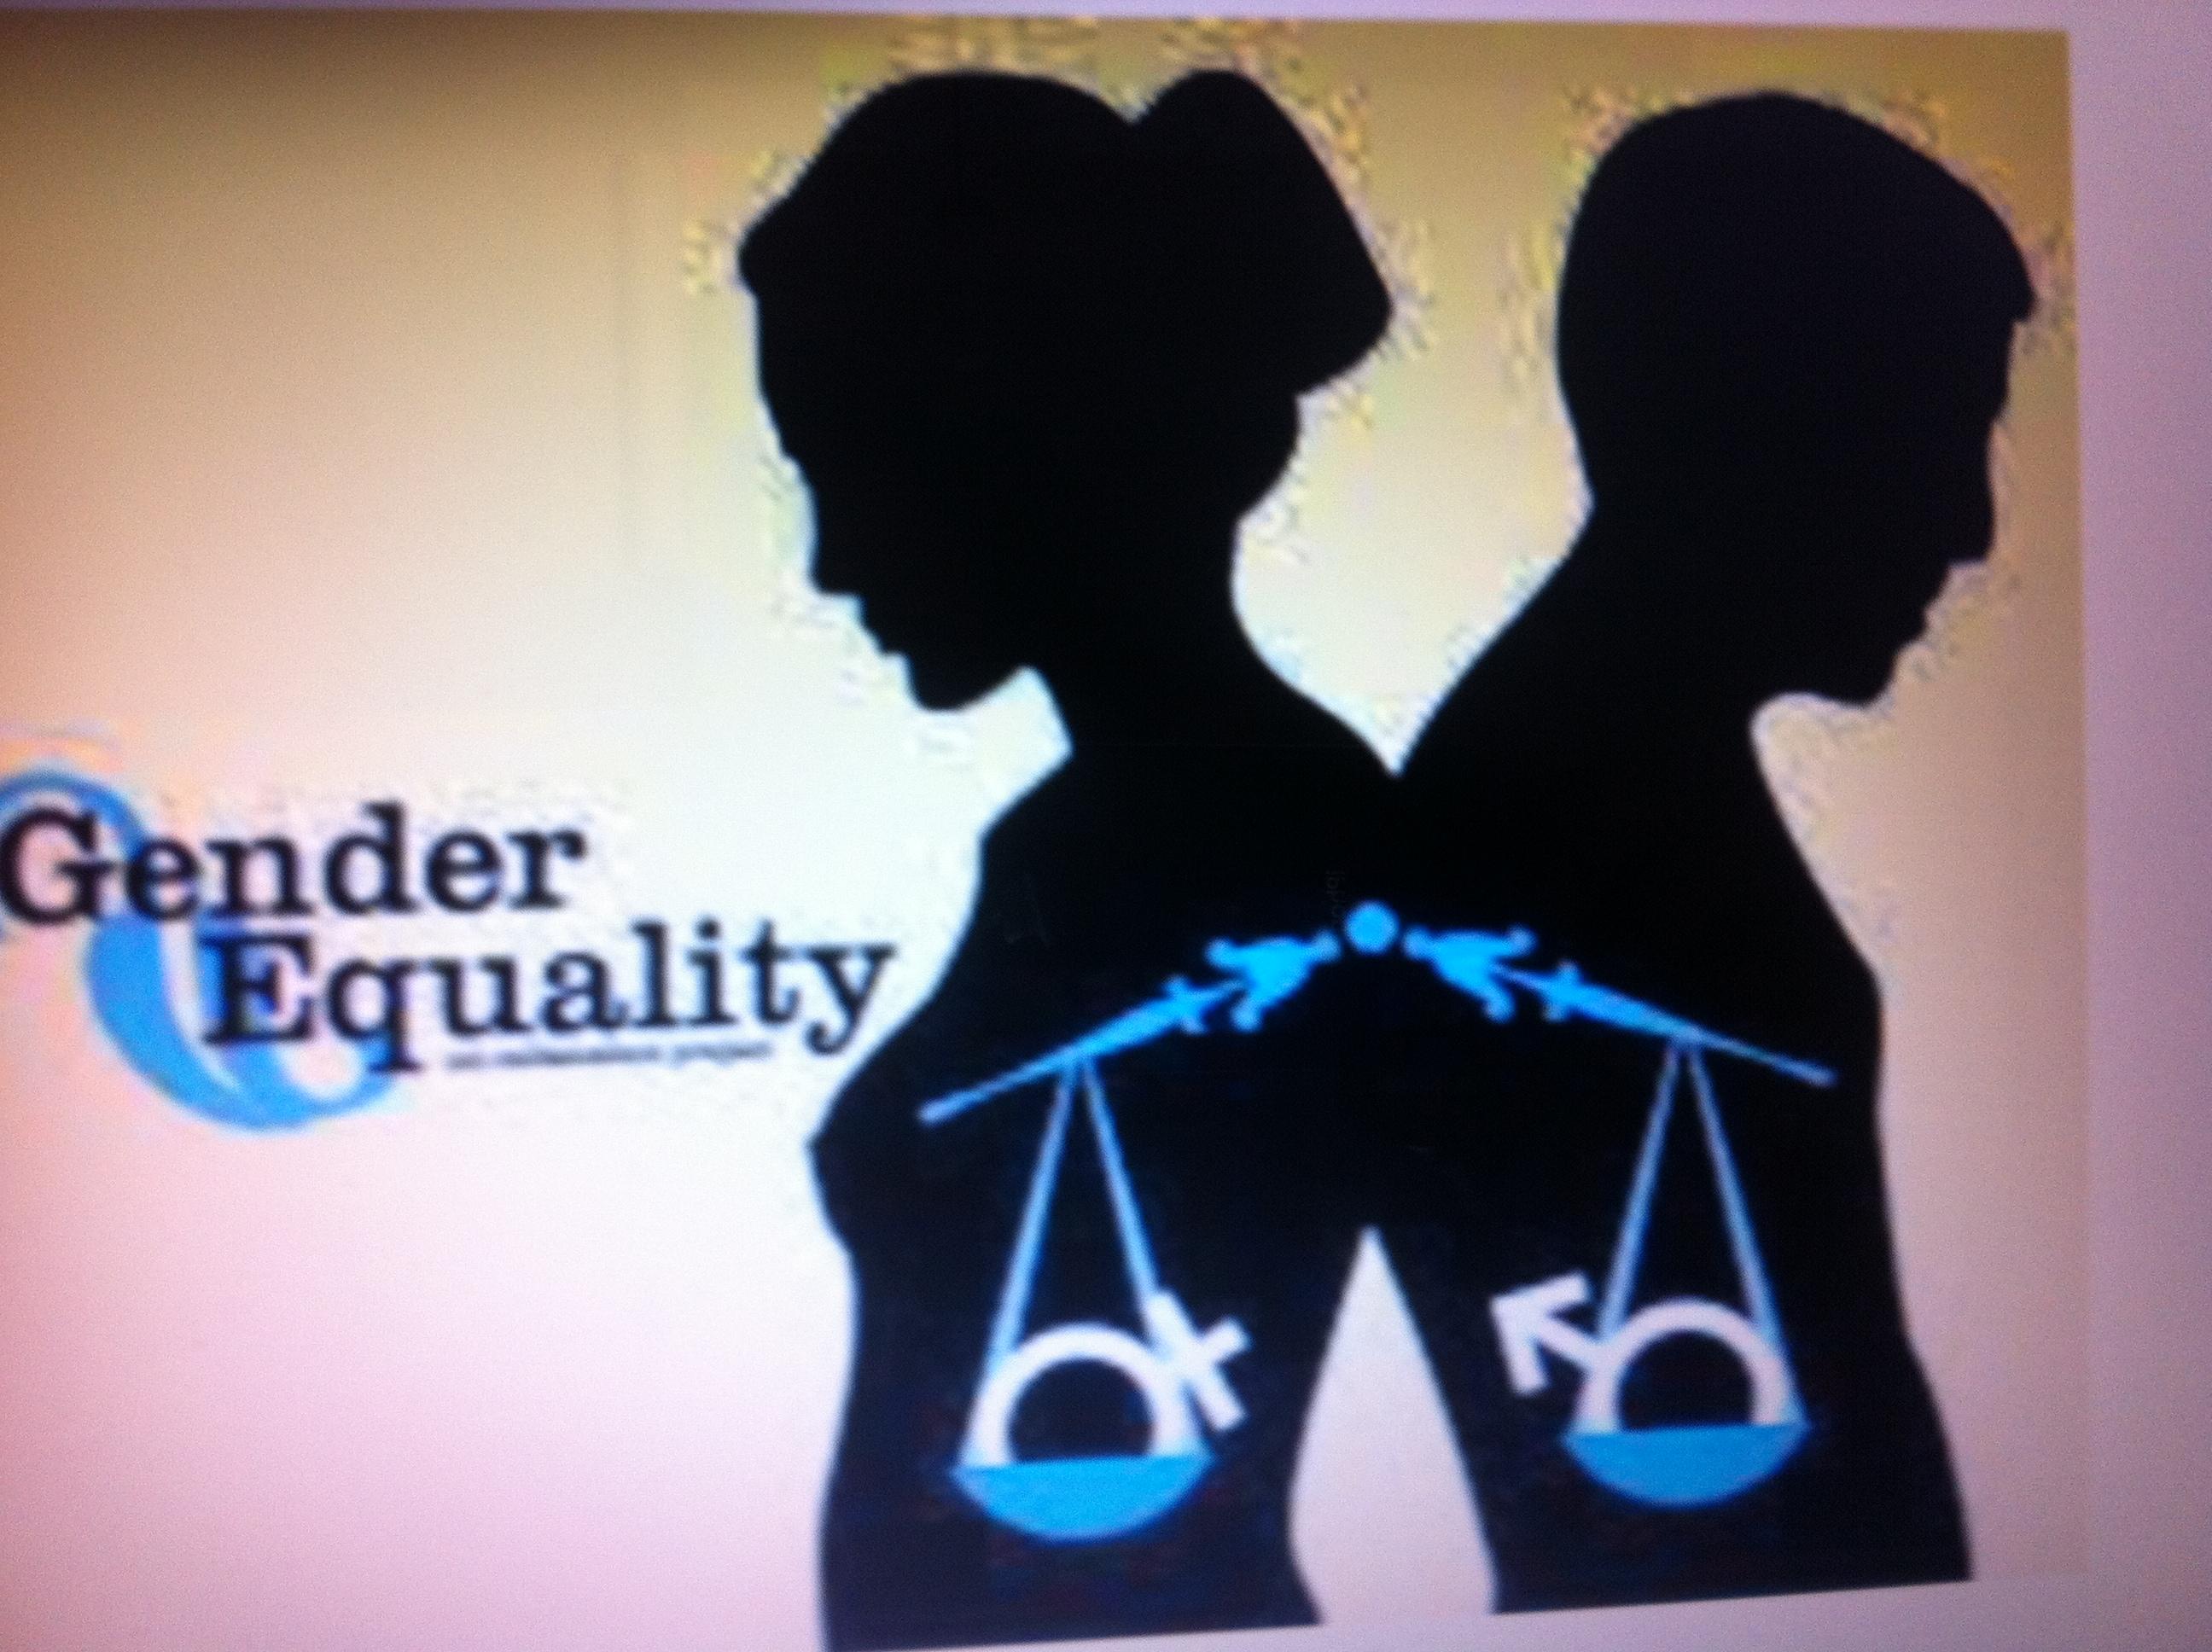 Politiche di genere, la mia mozione per valorizzare le differenze